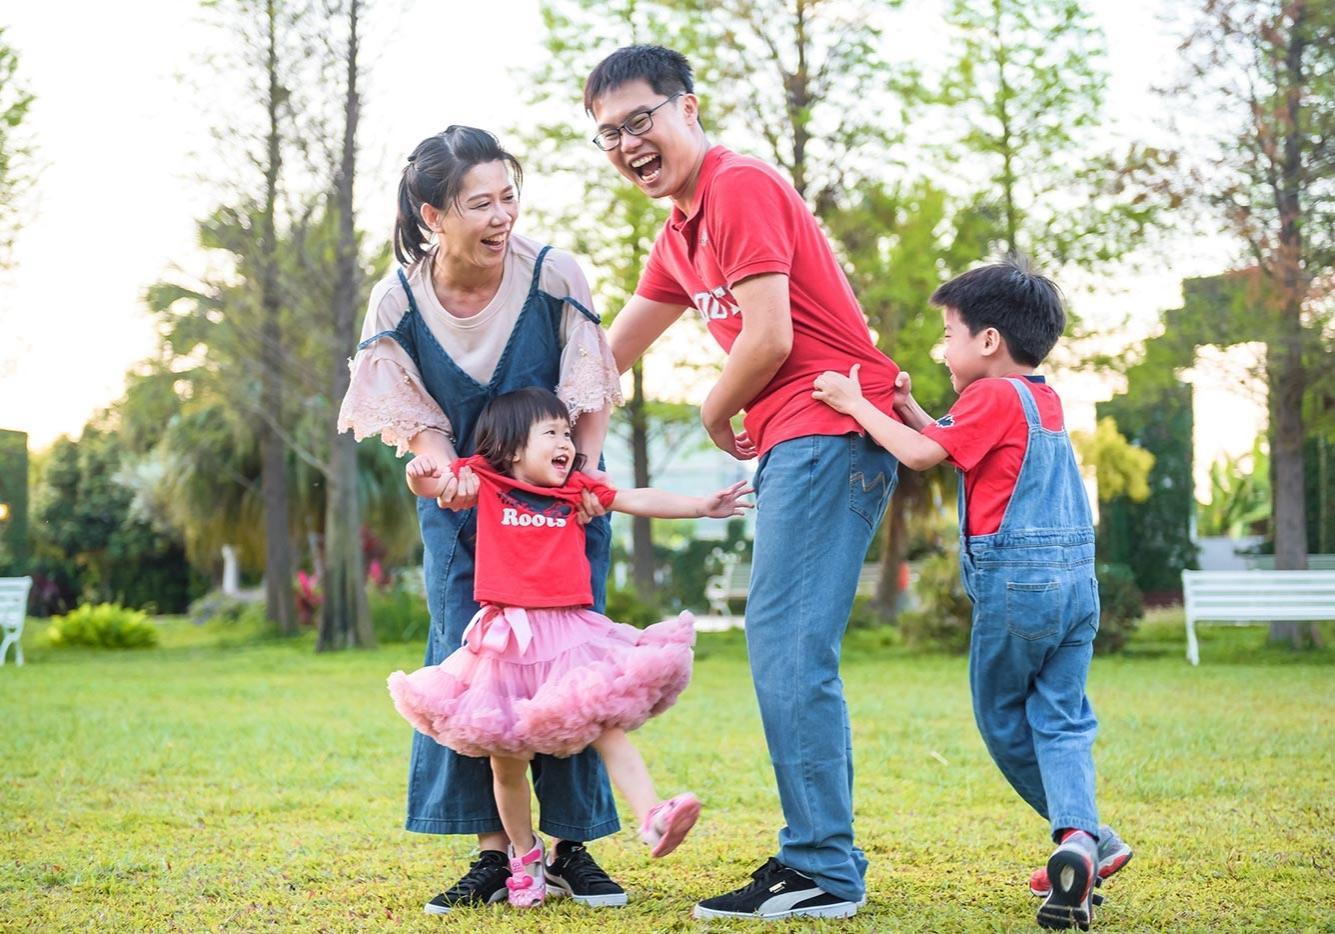 親子寫真價格 邊玩邊拍 全家福寫真 親子寫真推薦 全家福攝影